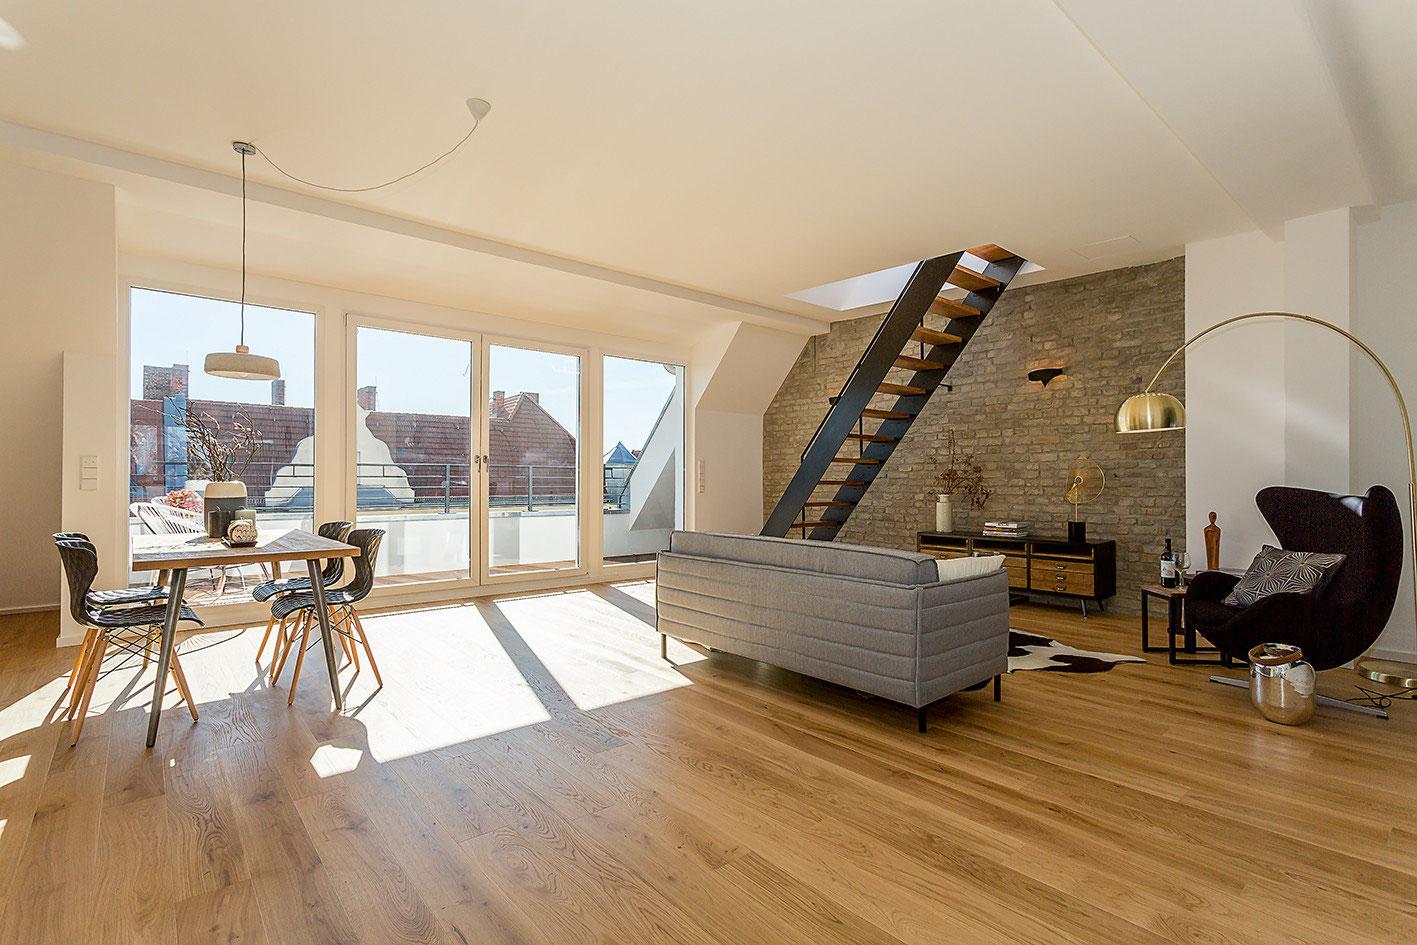 Full Size of Dachgeschosswohnung Einrichten Kleine Beispiele Ikea Schlafzimmer Tipps Ideen Küche Badezimmer Wohnzimmer Dachgeschosswohnung Einrichten